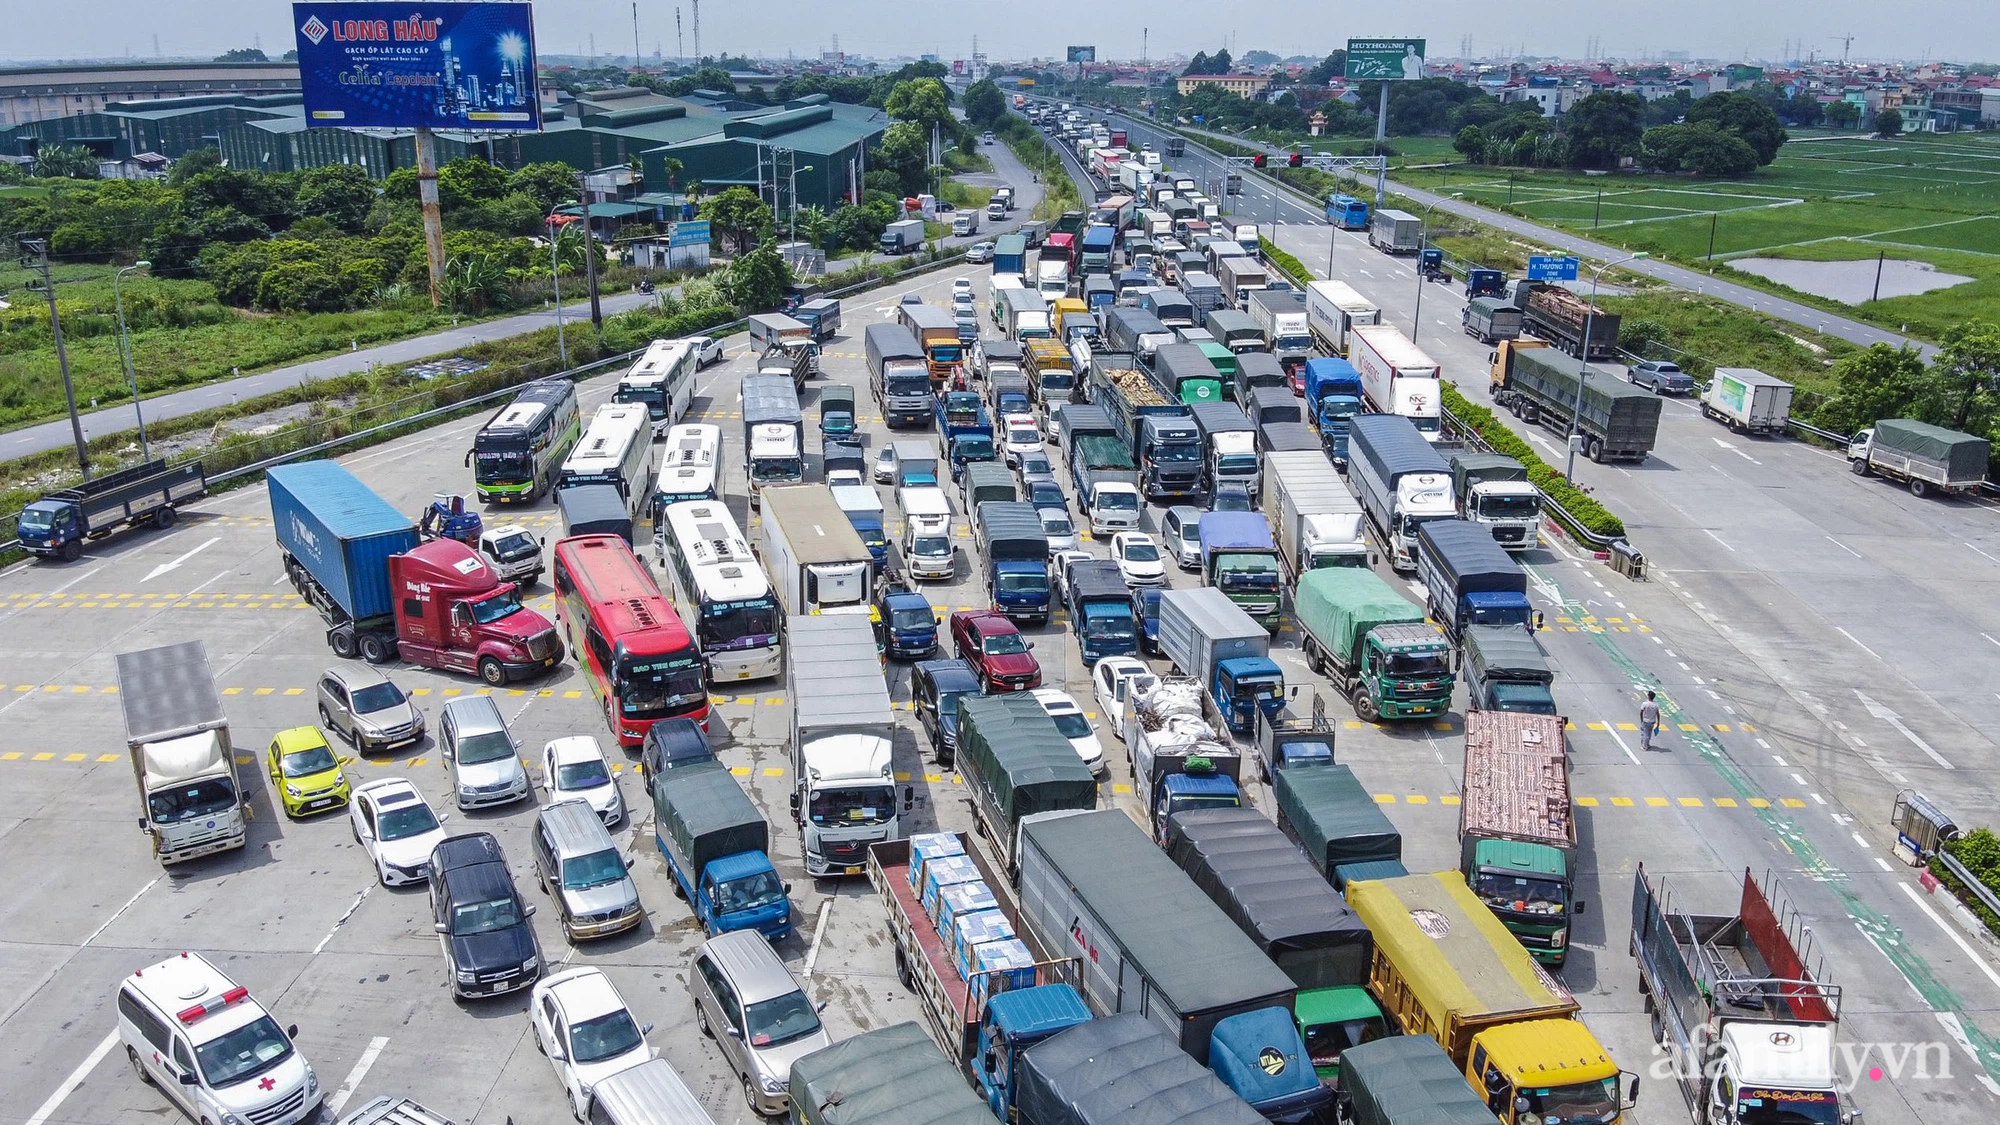 """Ngày đầu cách ly xã hội, 100% phương tiện tại 22 chốt kiểm soát đều phải quay đầu, các xe không thuộc """"luồng xanh"""" cần tránh lộ trình đi qua Hà Nội - Ảnh 14."""